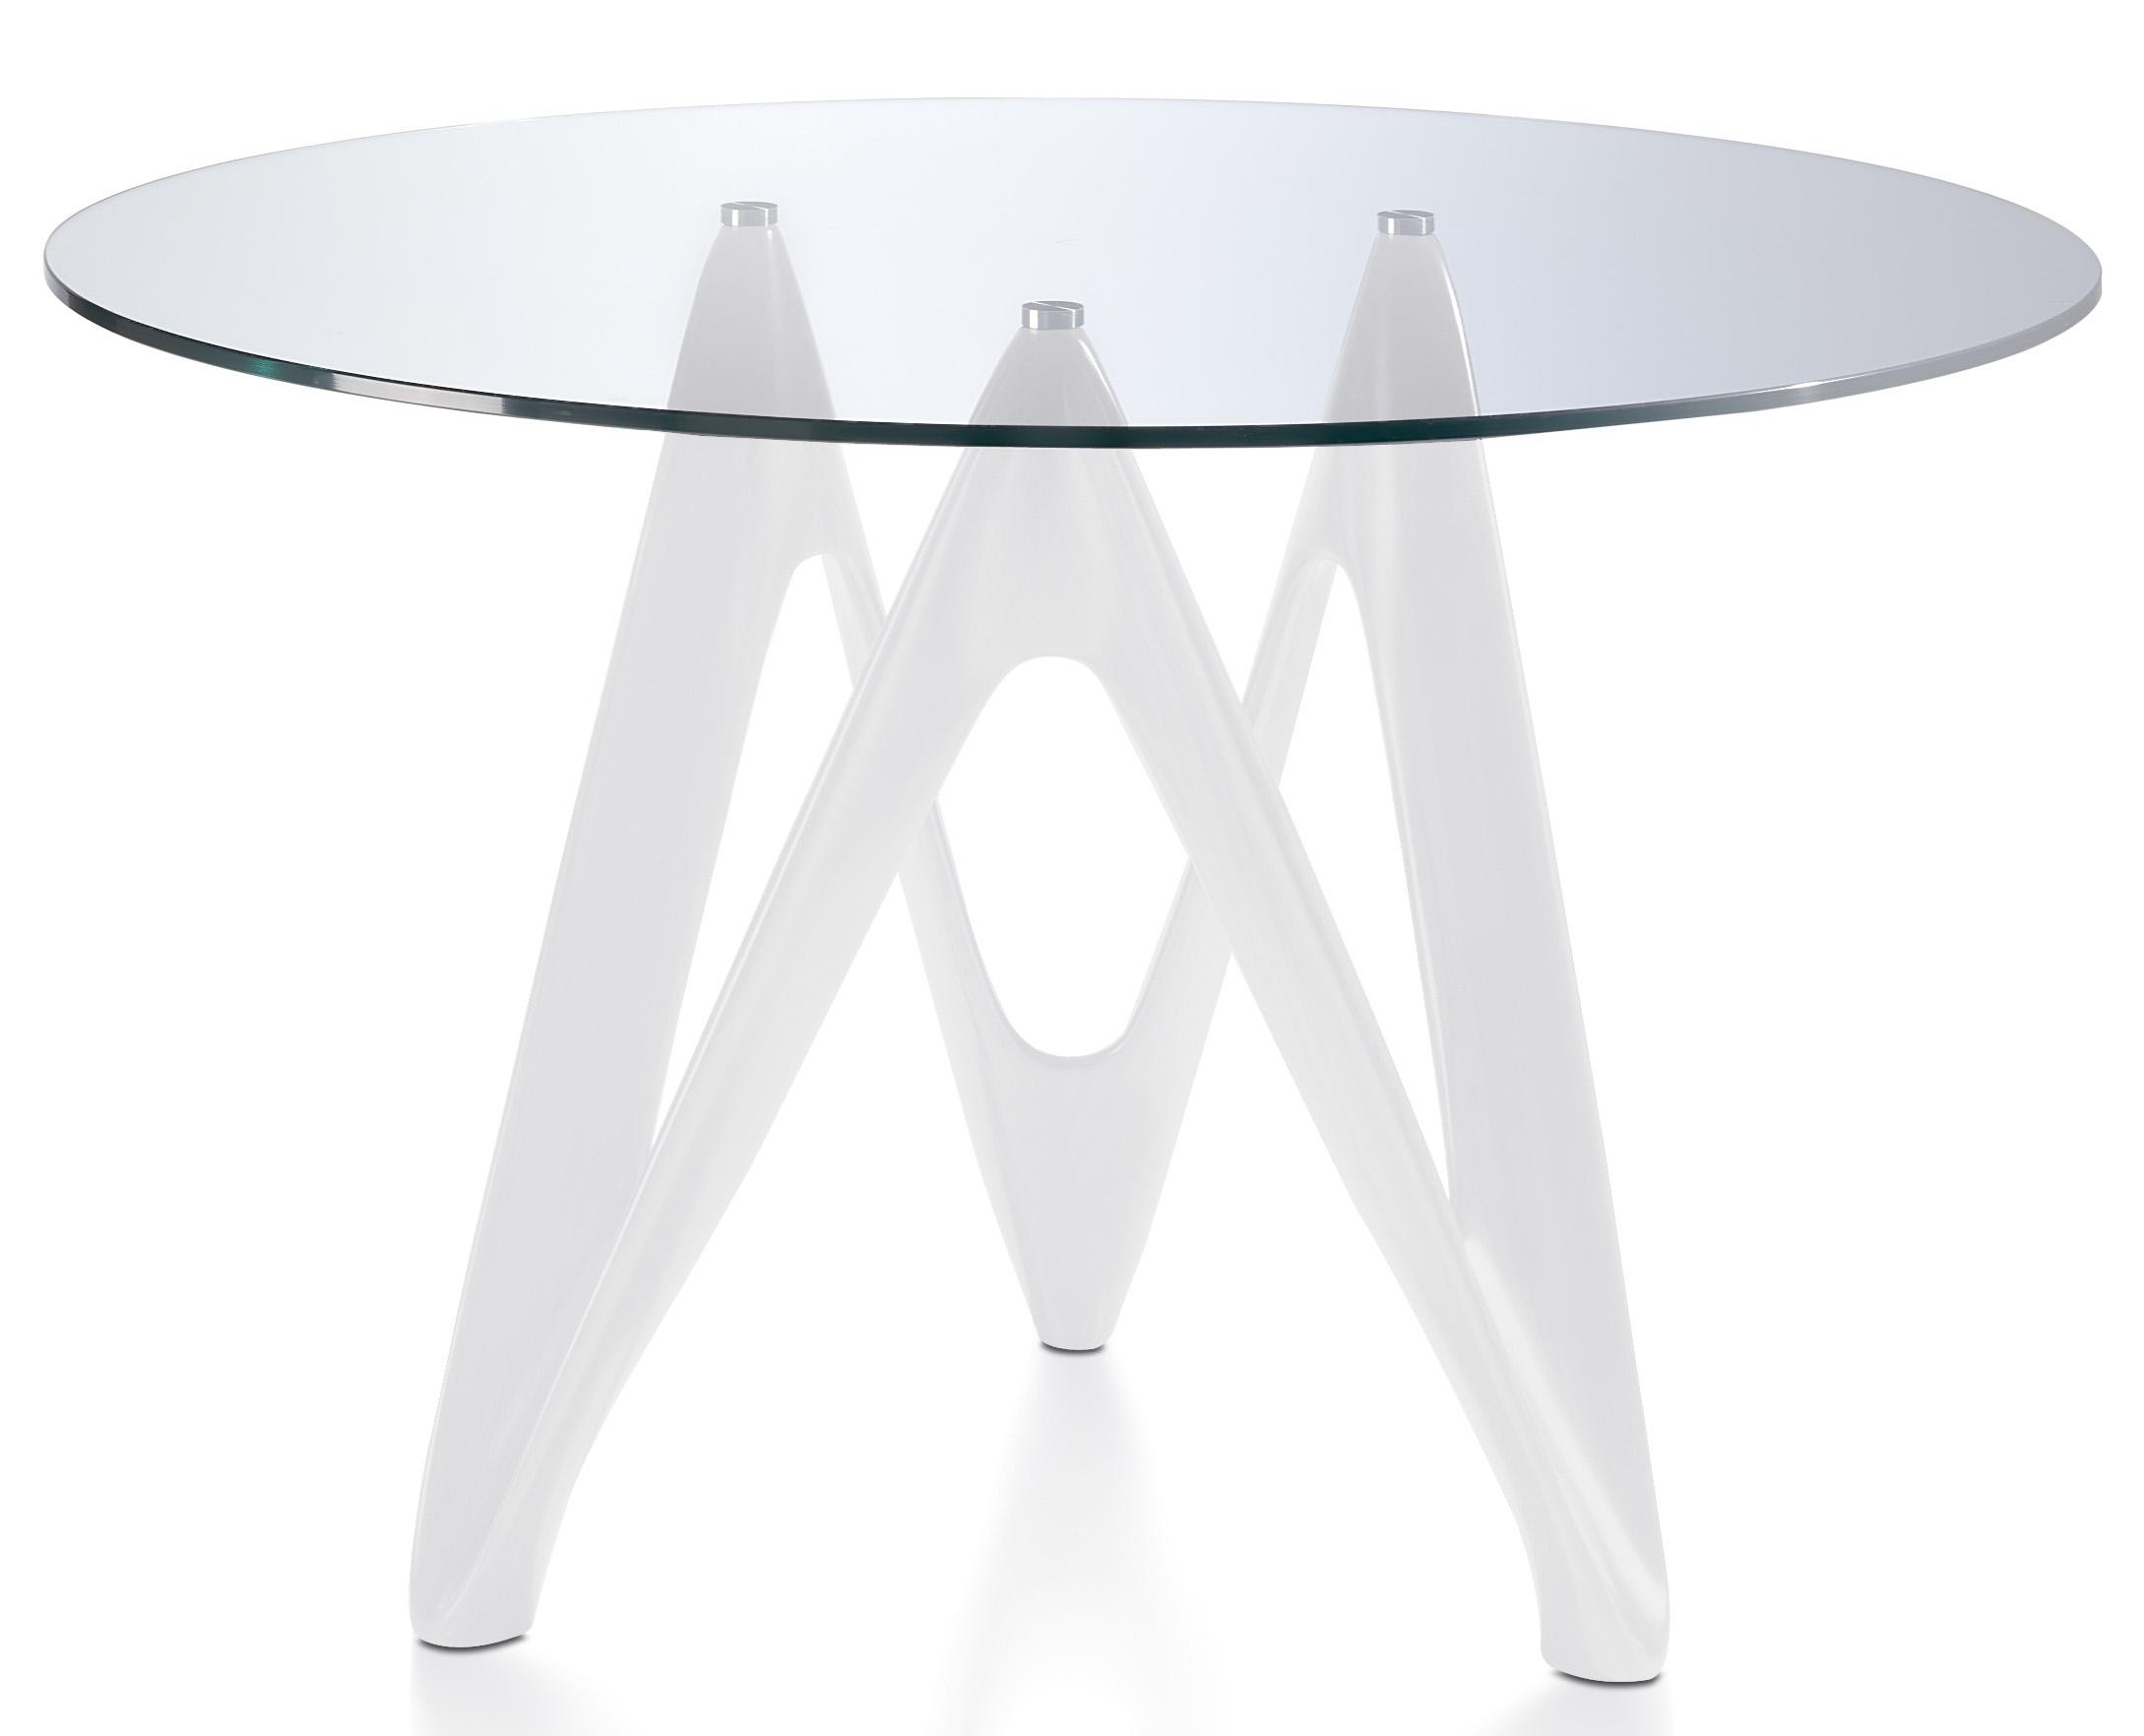 table ronde fibre de verre blanc et verre tremp perla dimensions d 110 x h 76 cm. Black Bedroom Furniture Sets. Home Design Ideas